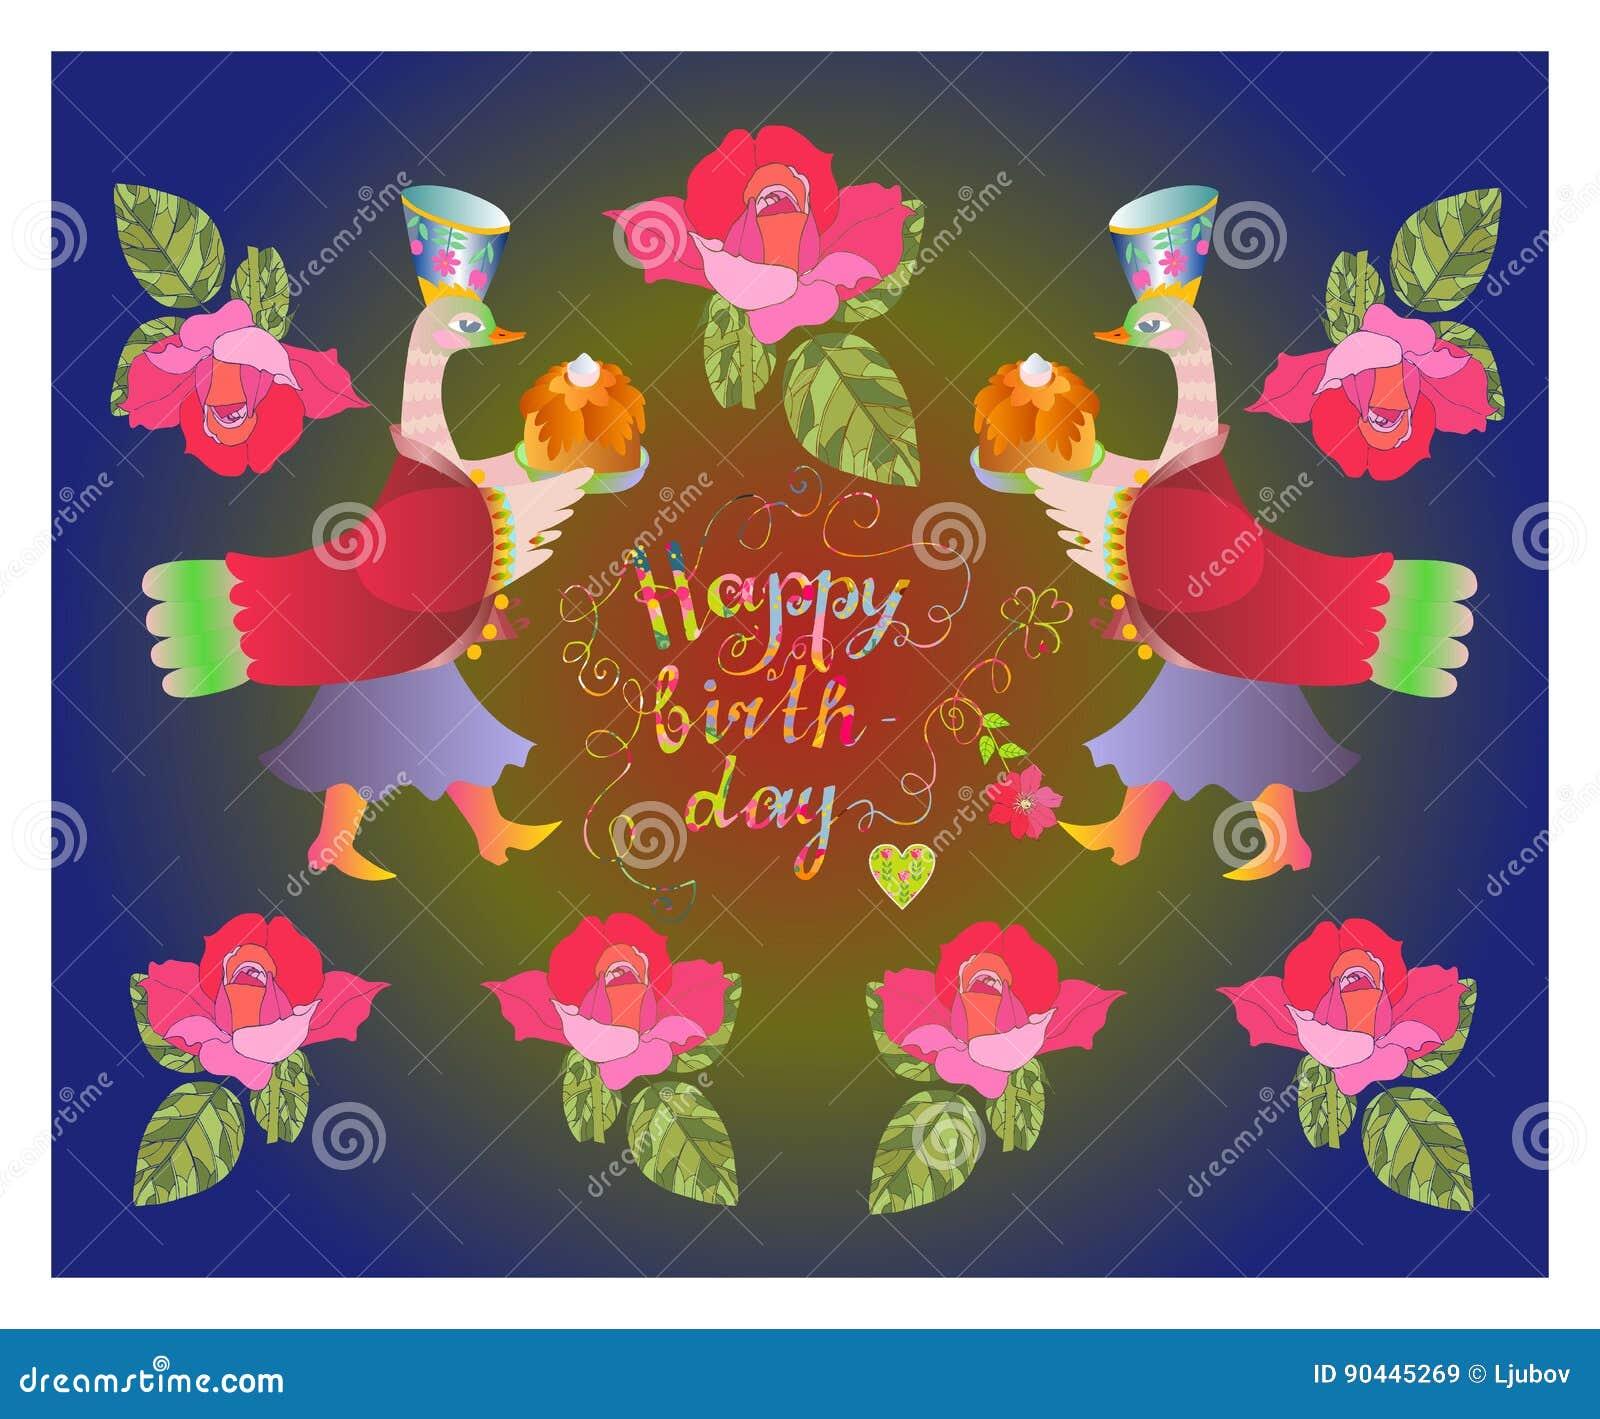 kleurrijke leuke gelukkige verjaardagskaart met feeeenden bloemen